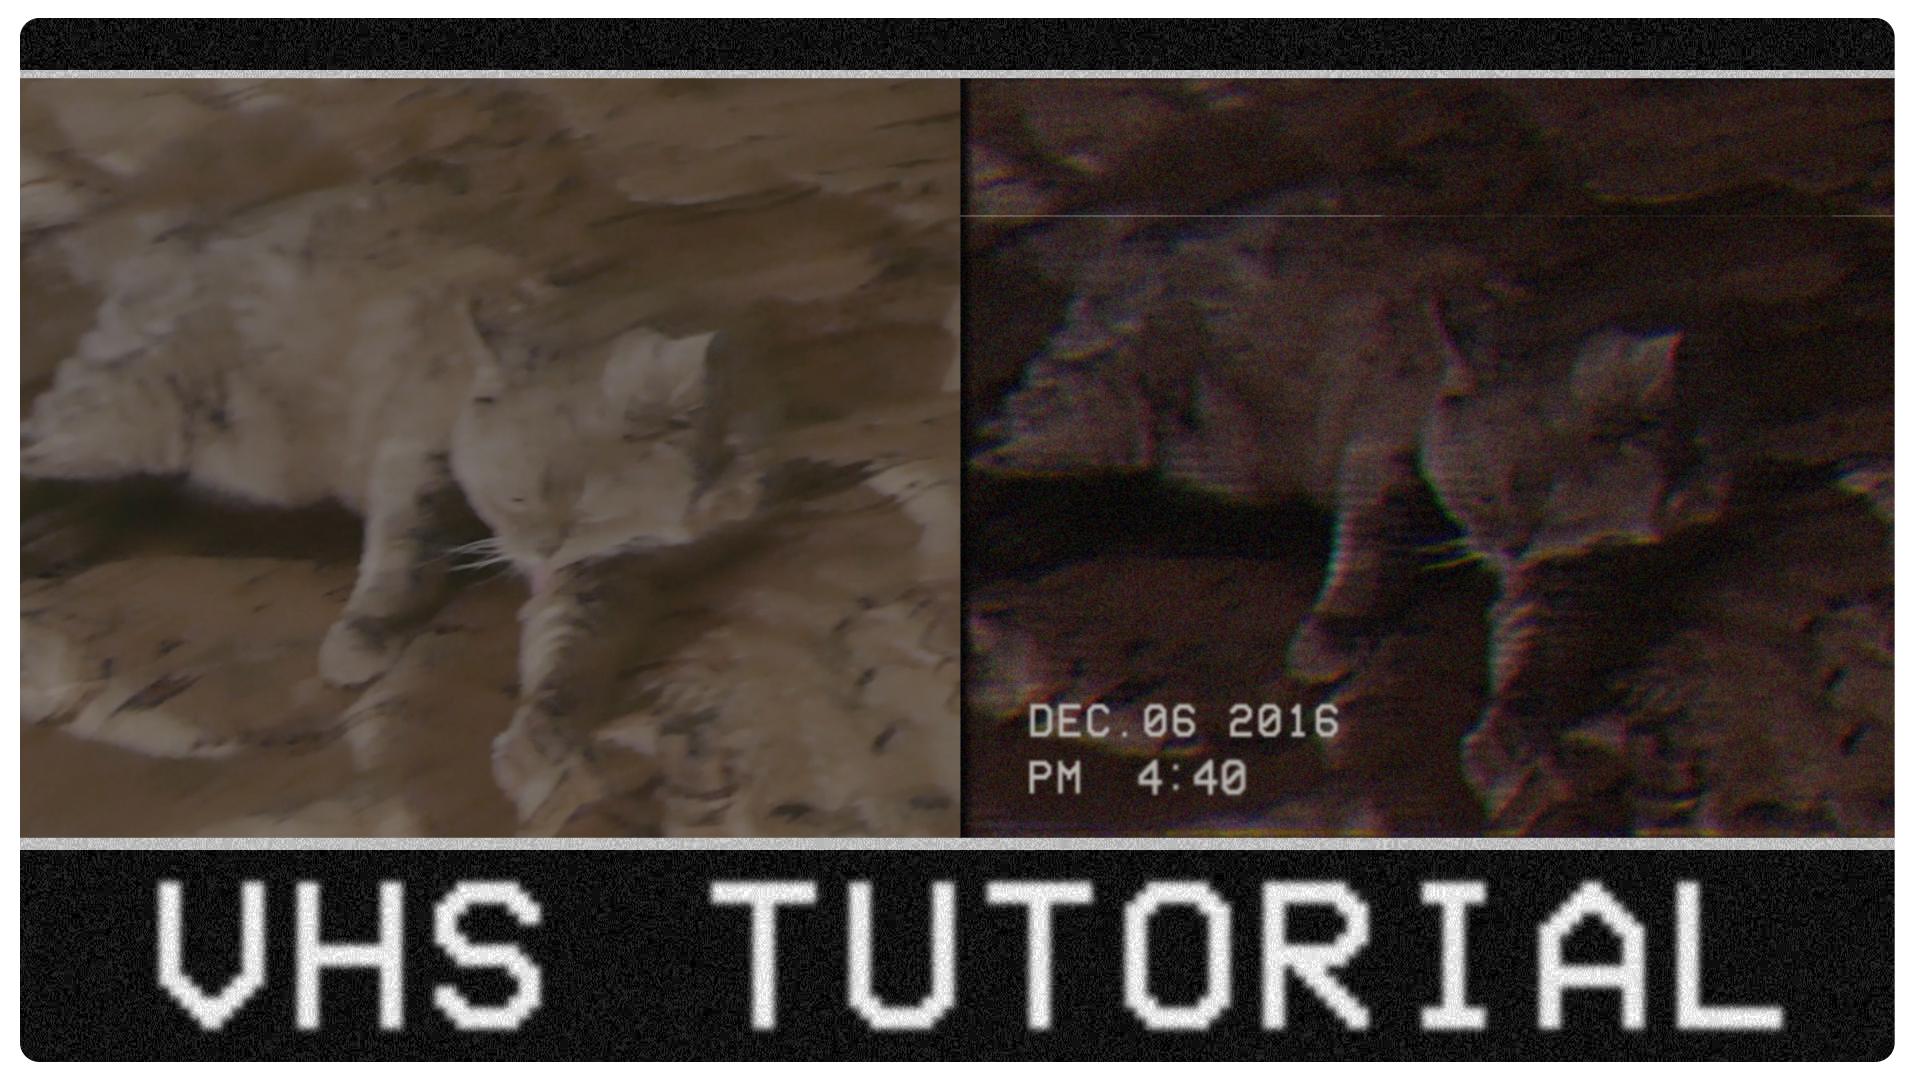 VHS tutorial